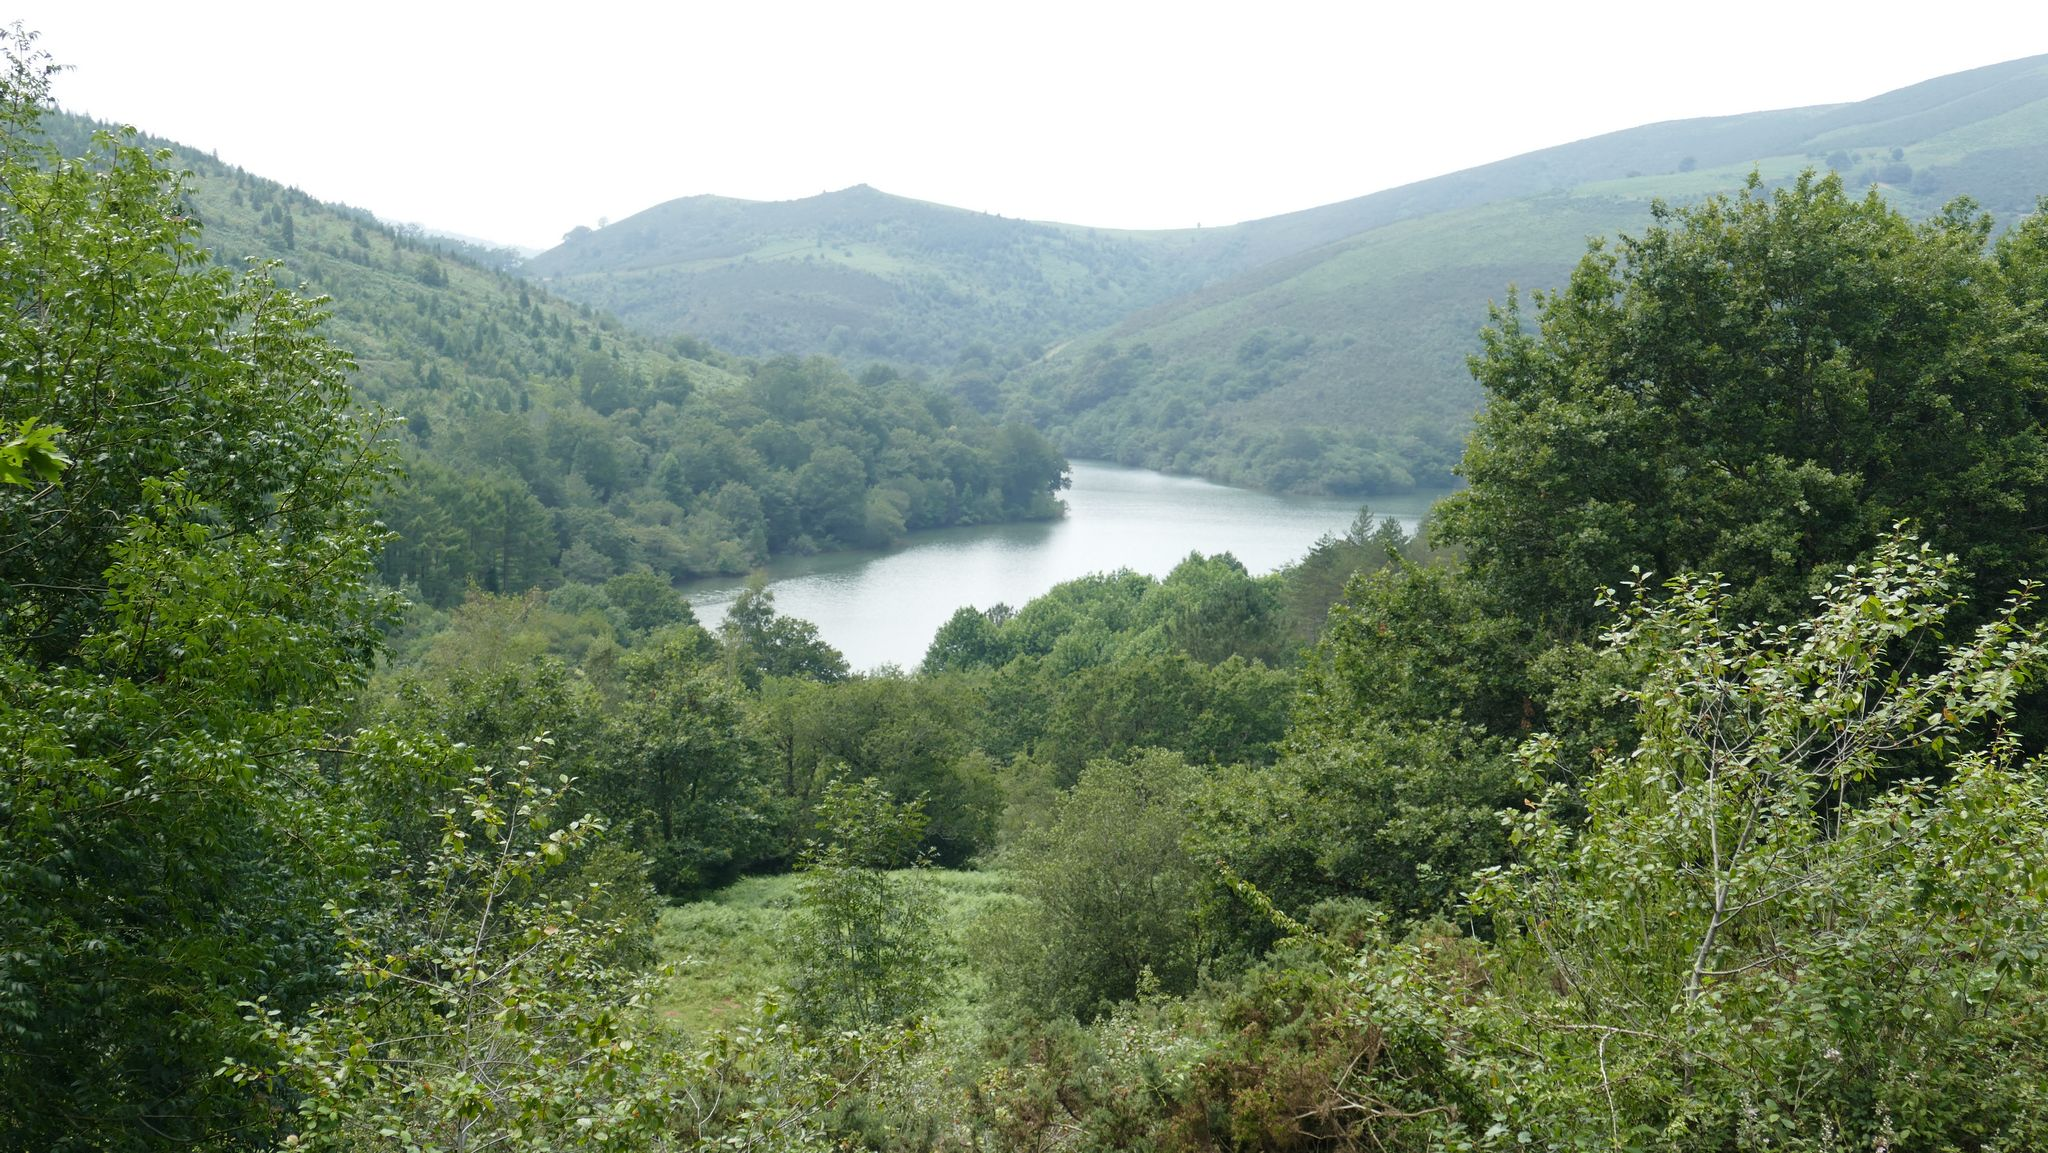 Randonnée Labourd Pays Basque